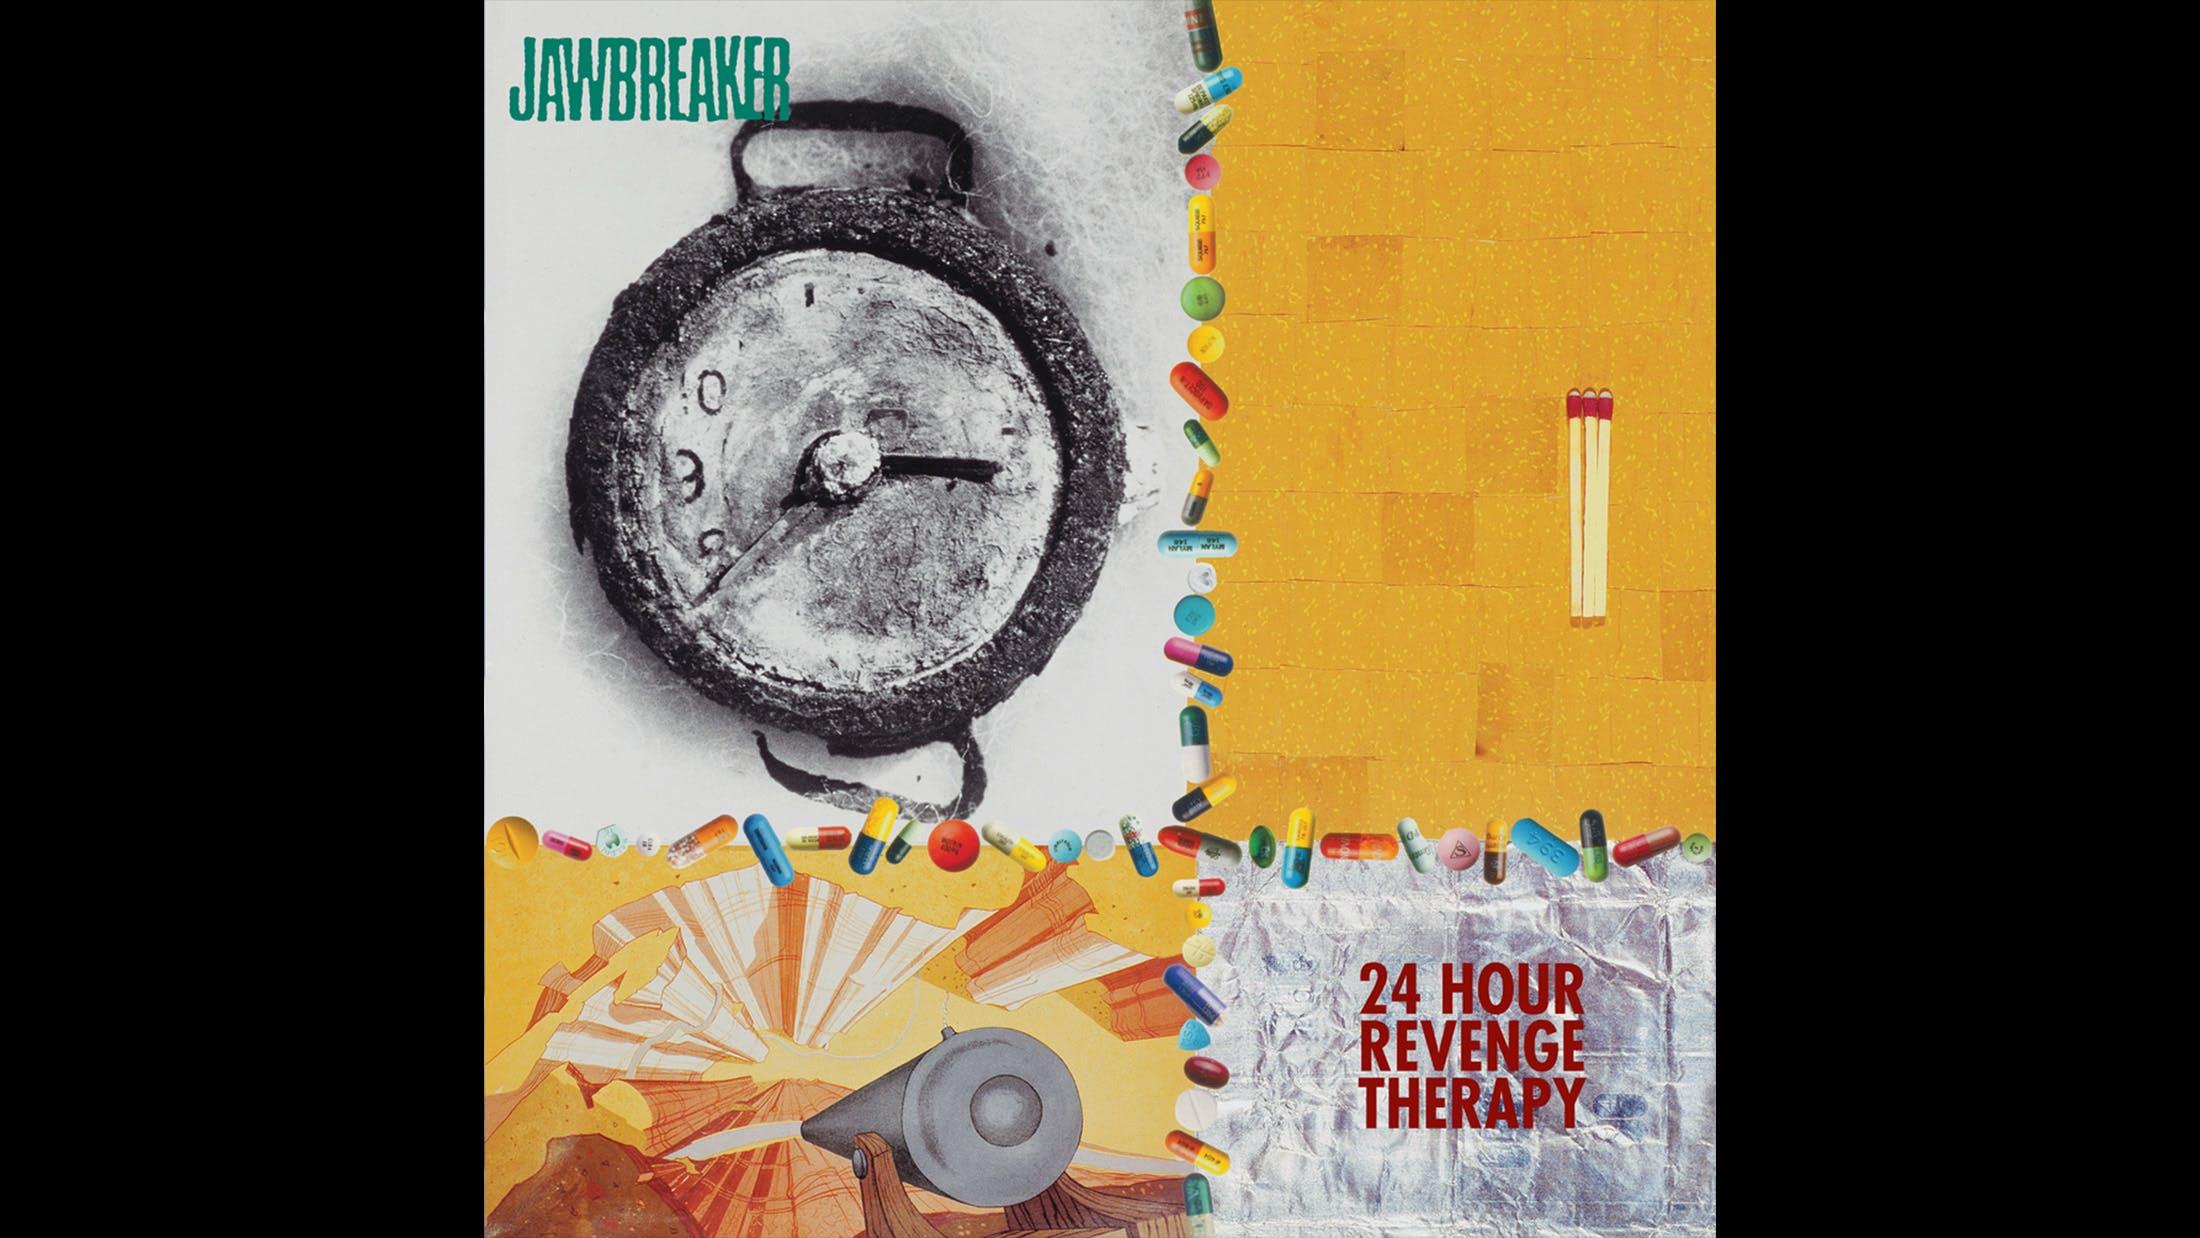 36. Jawbreaker - 24 Hour Revenge Therapy (2004)